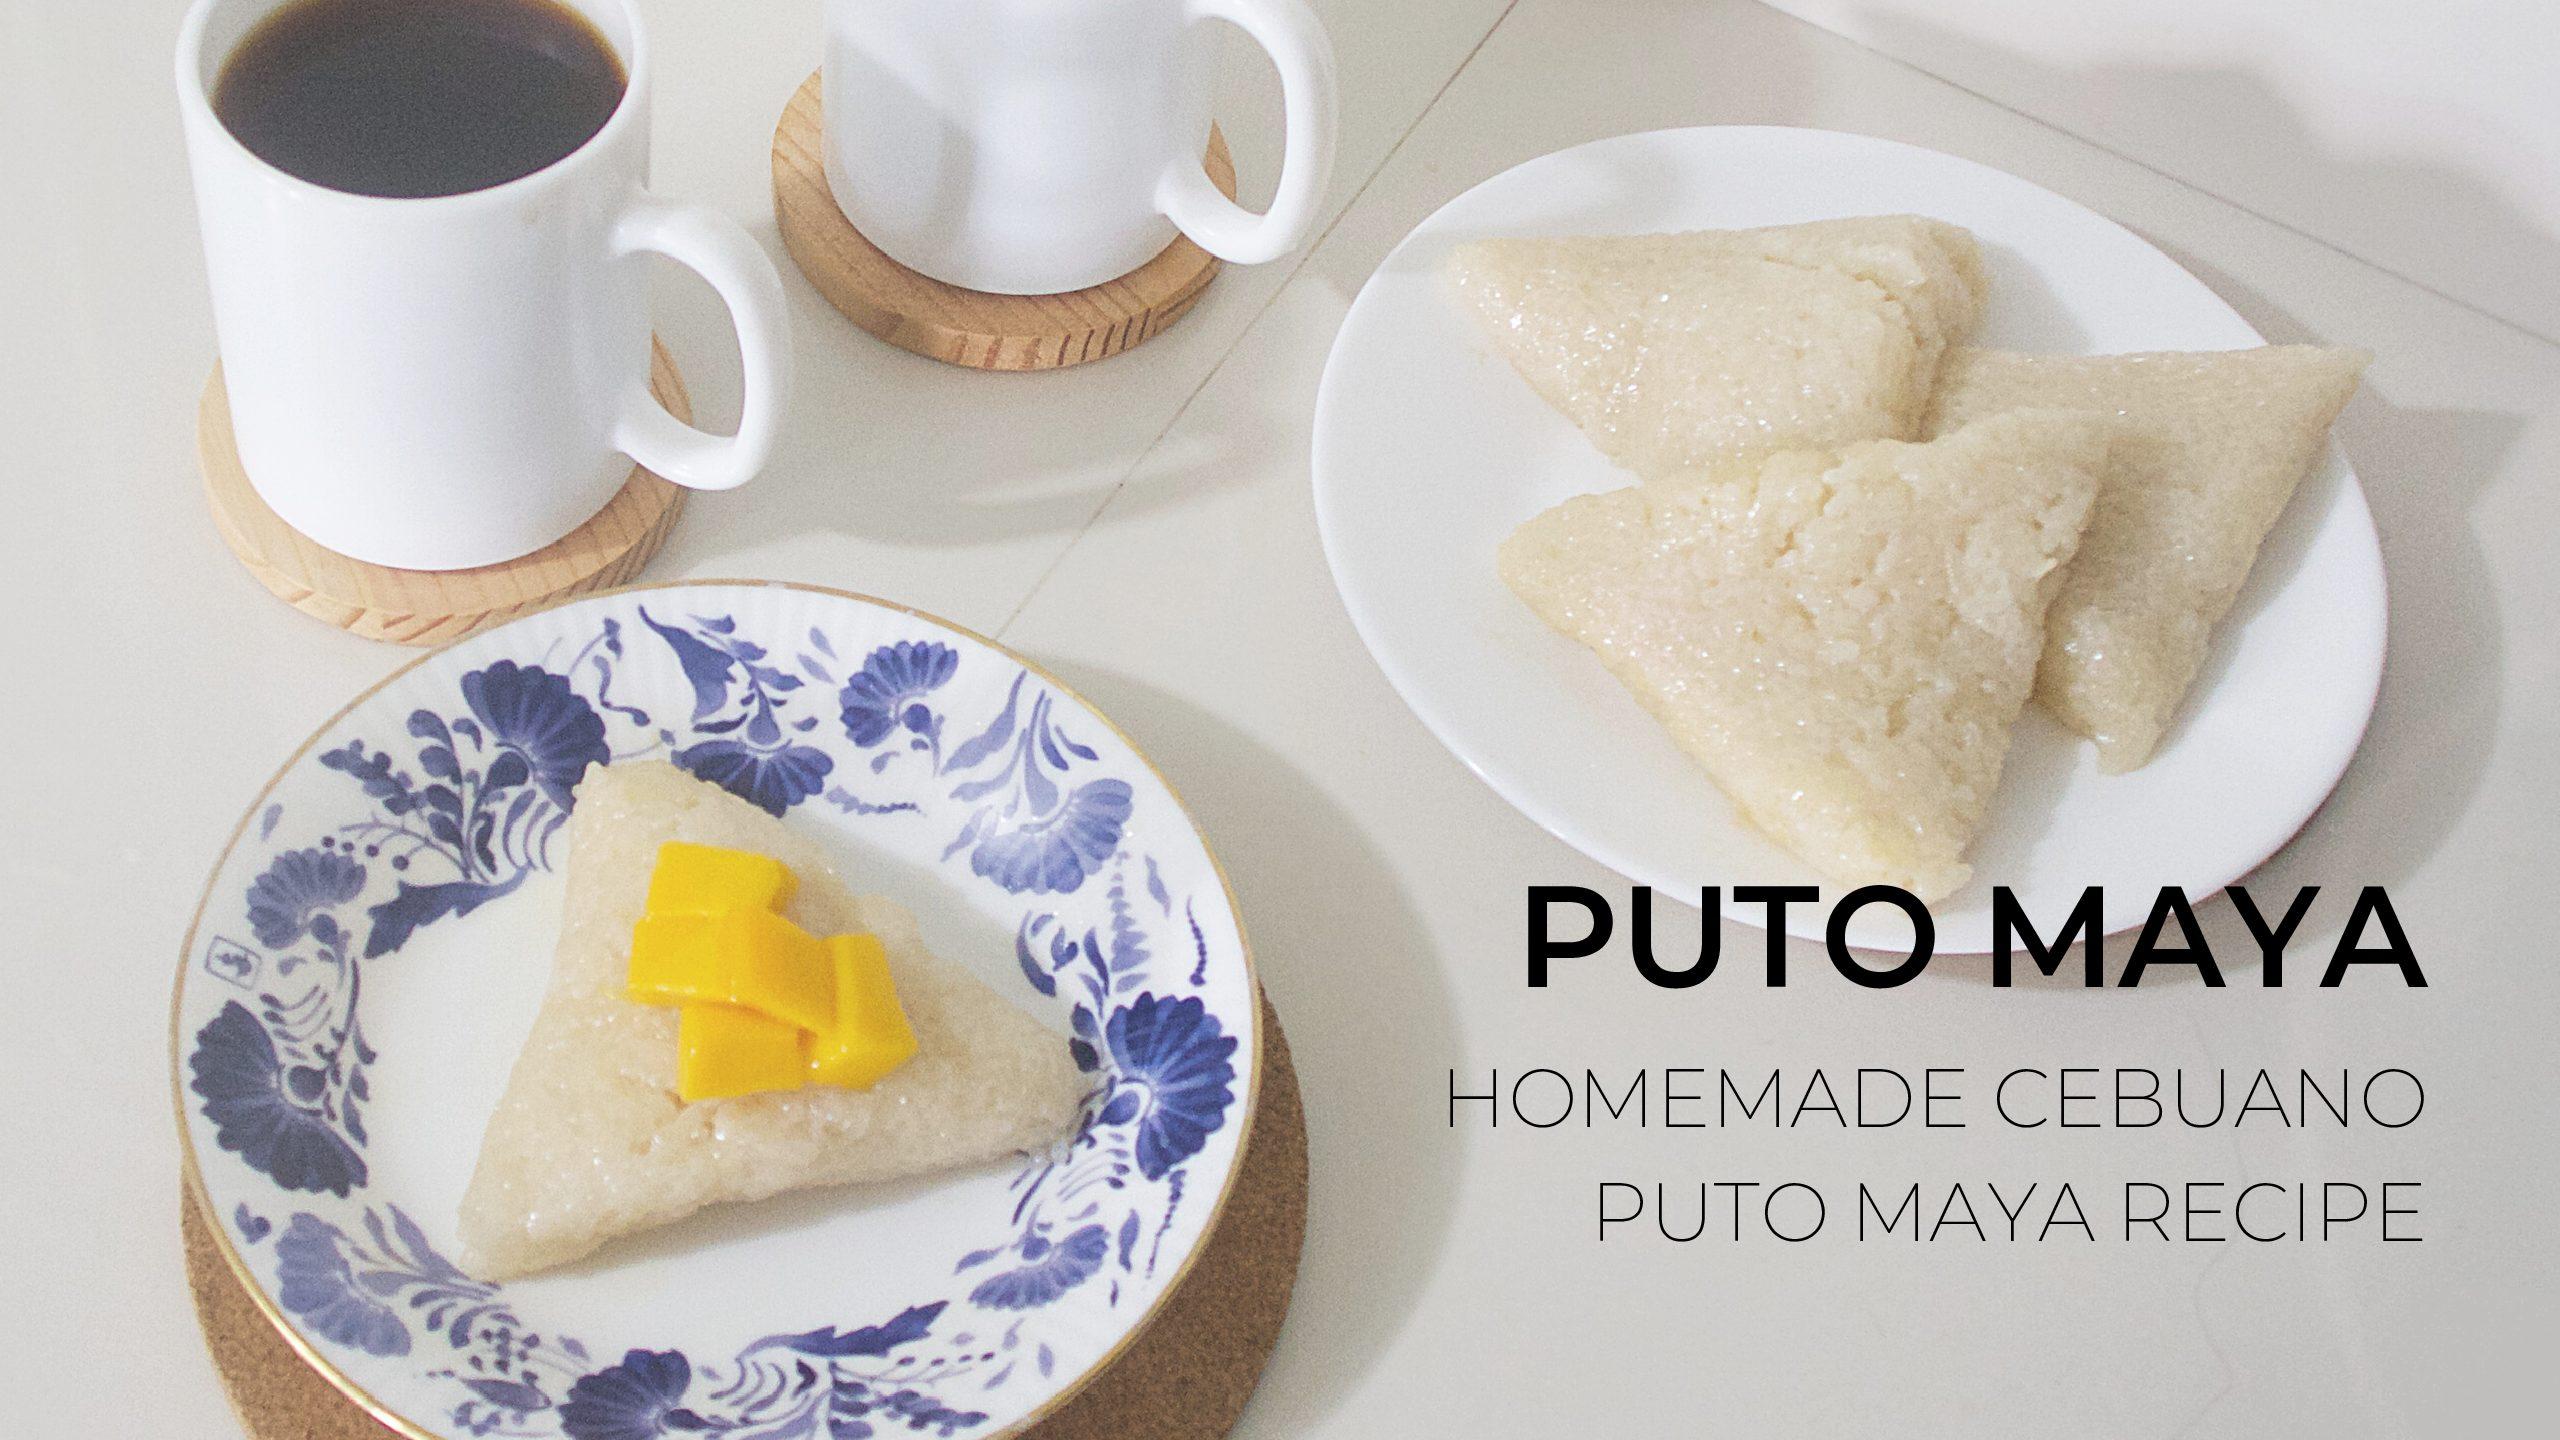 Homemade Cebuano Puto Maya Recipe